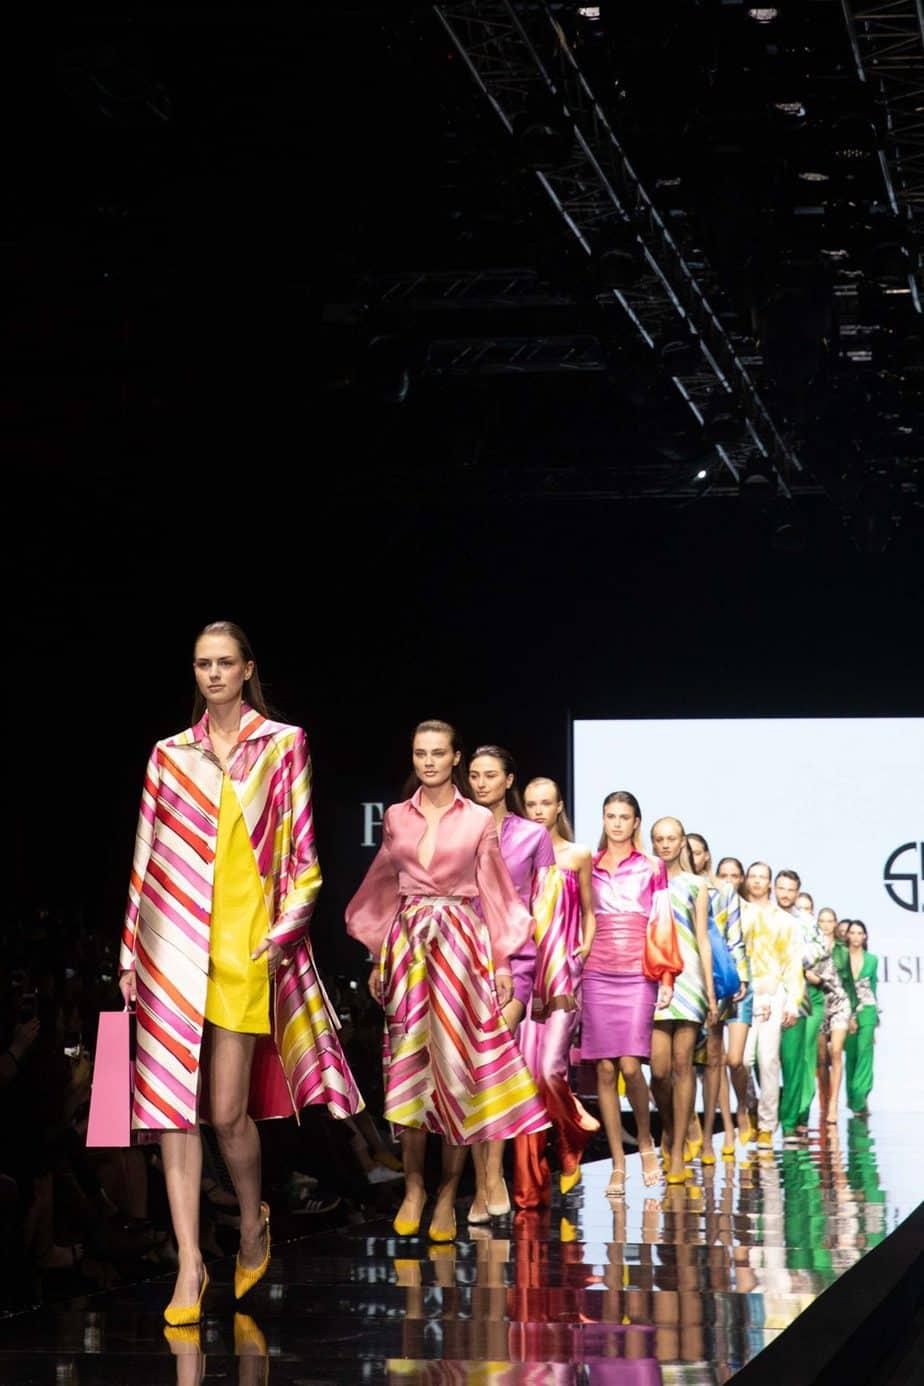 שי שלום. שבוע האופנה תל אביב 2019. צילום עומר קפלן - 8